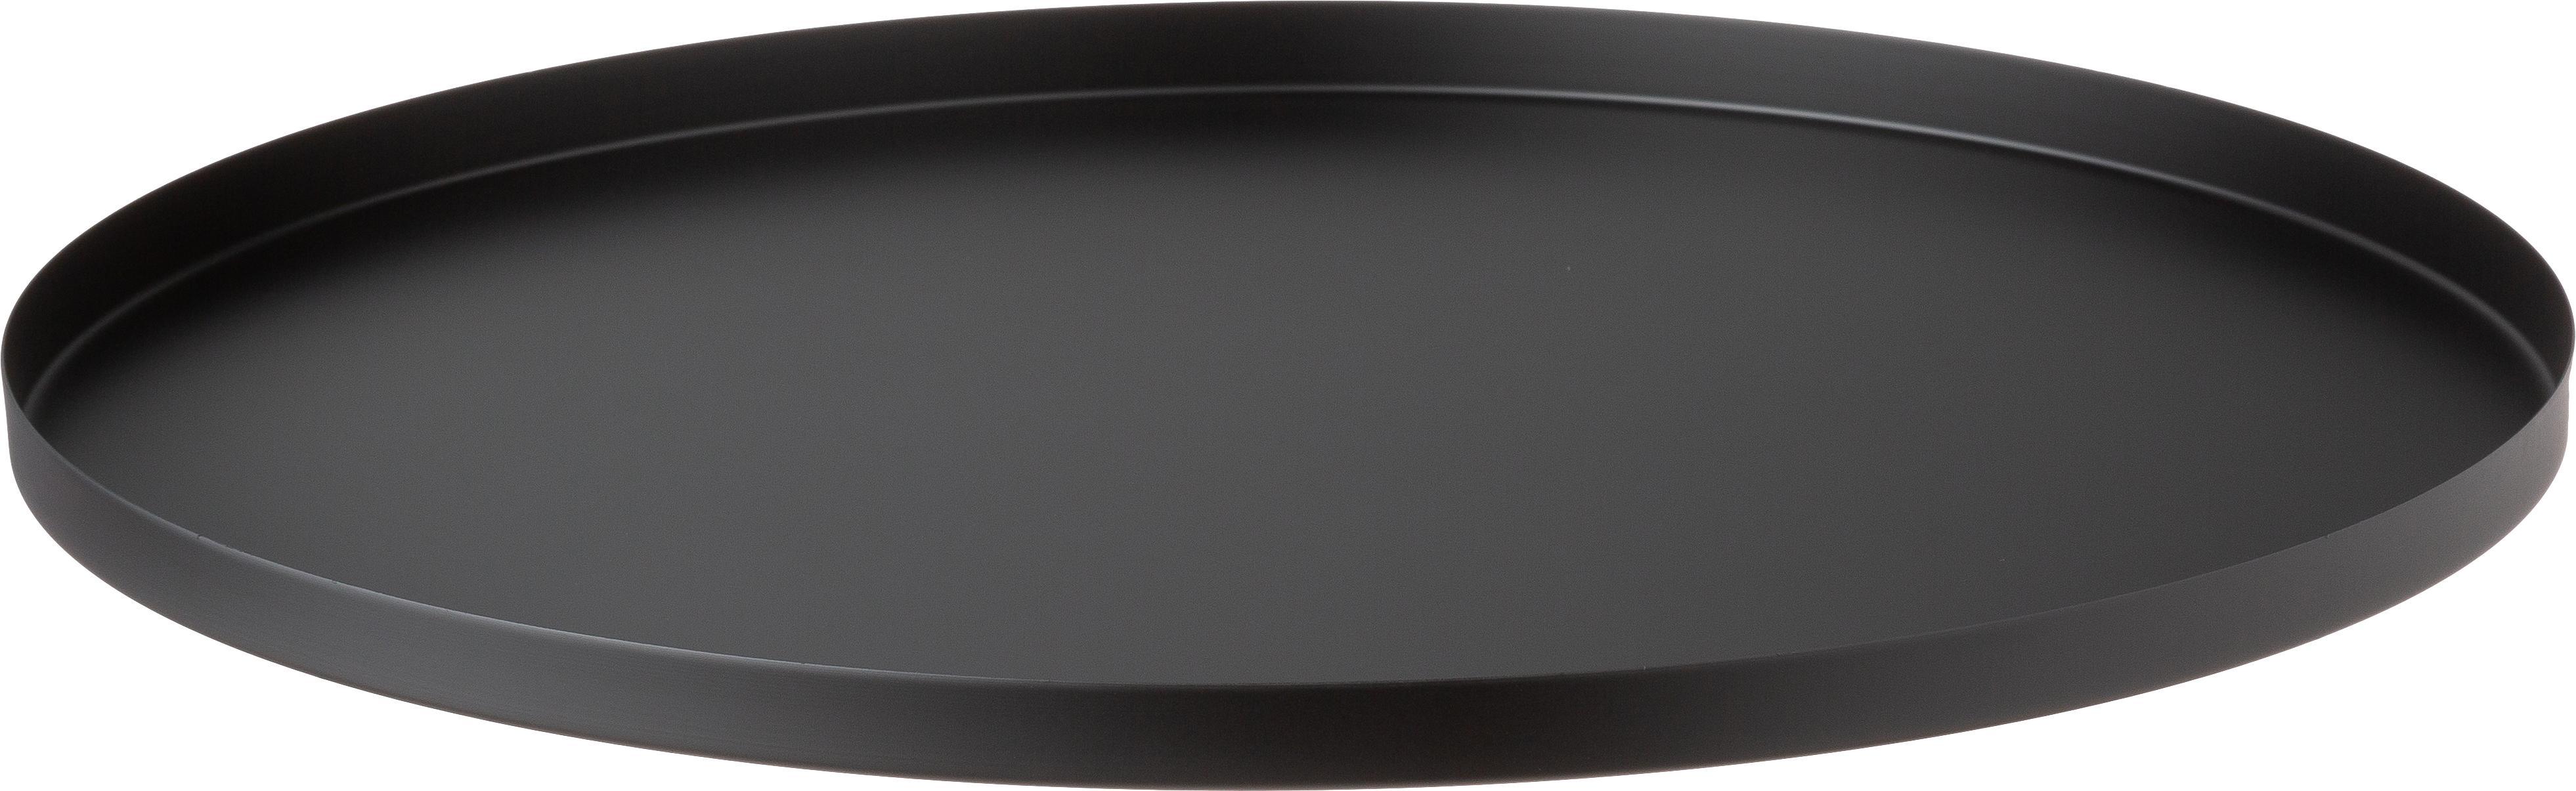 Rundes Deko-Tablett Circle in Schwarz, Edelstahl, pulverbeschichtet, Schwarz, matt, Ø 40 x H 2 cm